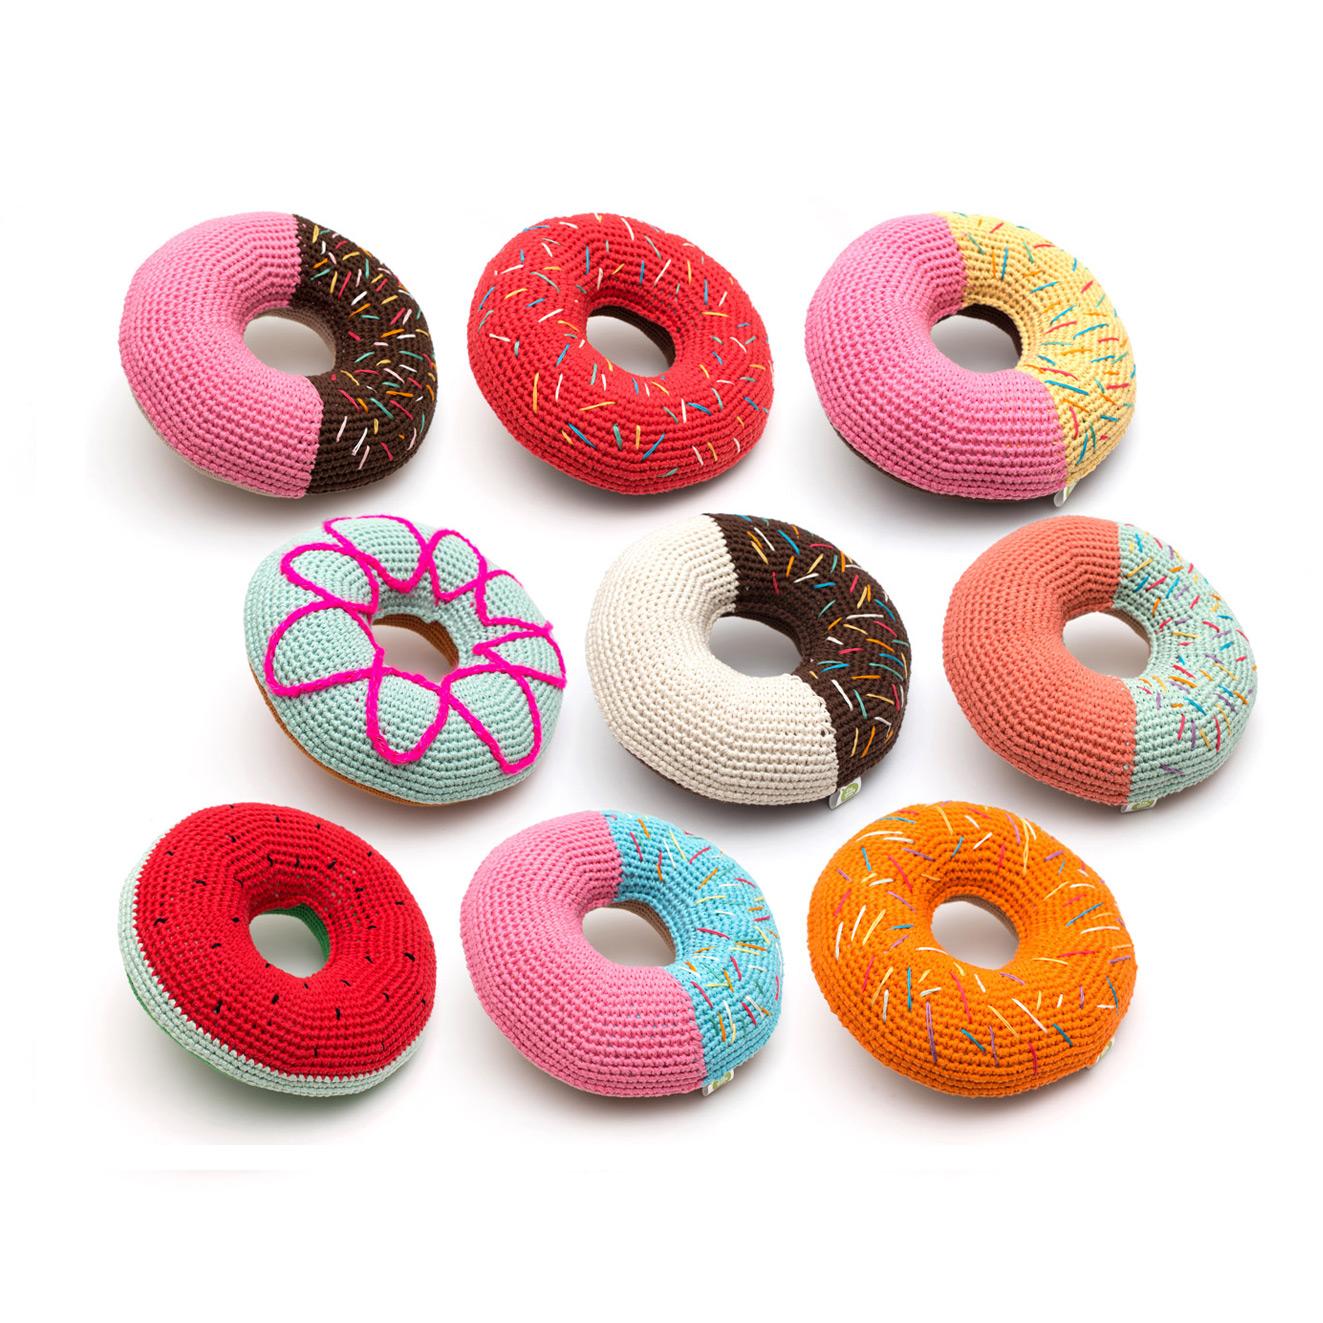 Flamingpot-Donuts-cushion-group-02_WR.jpg